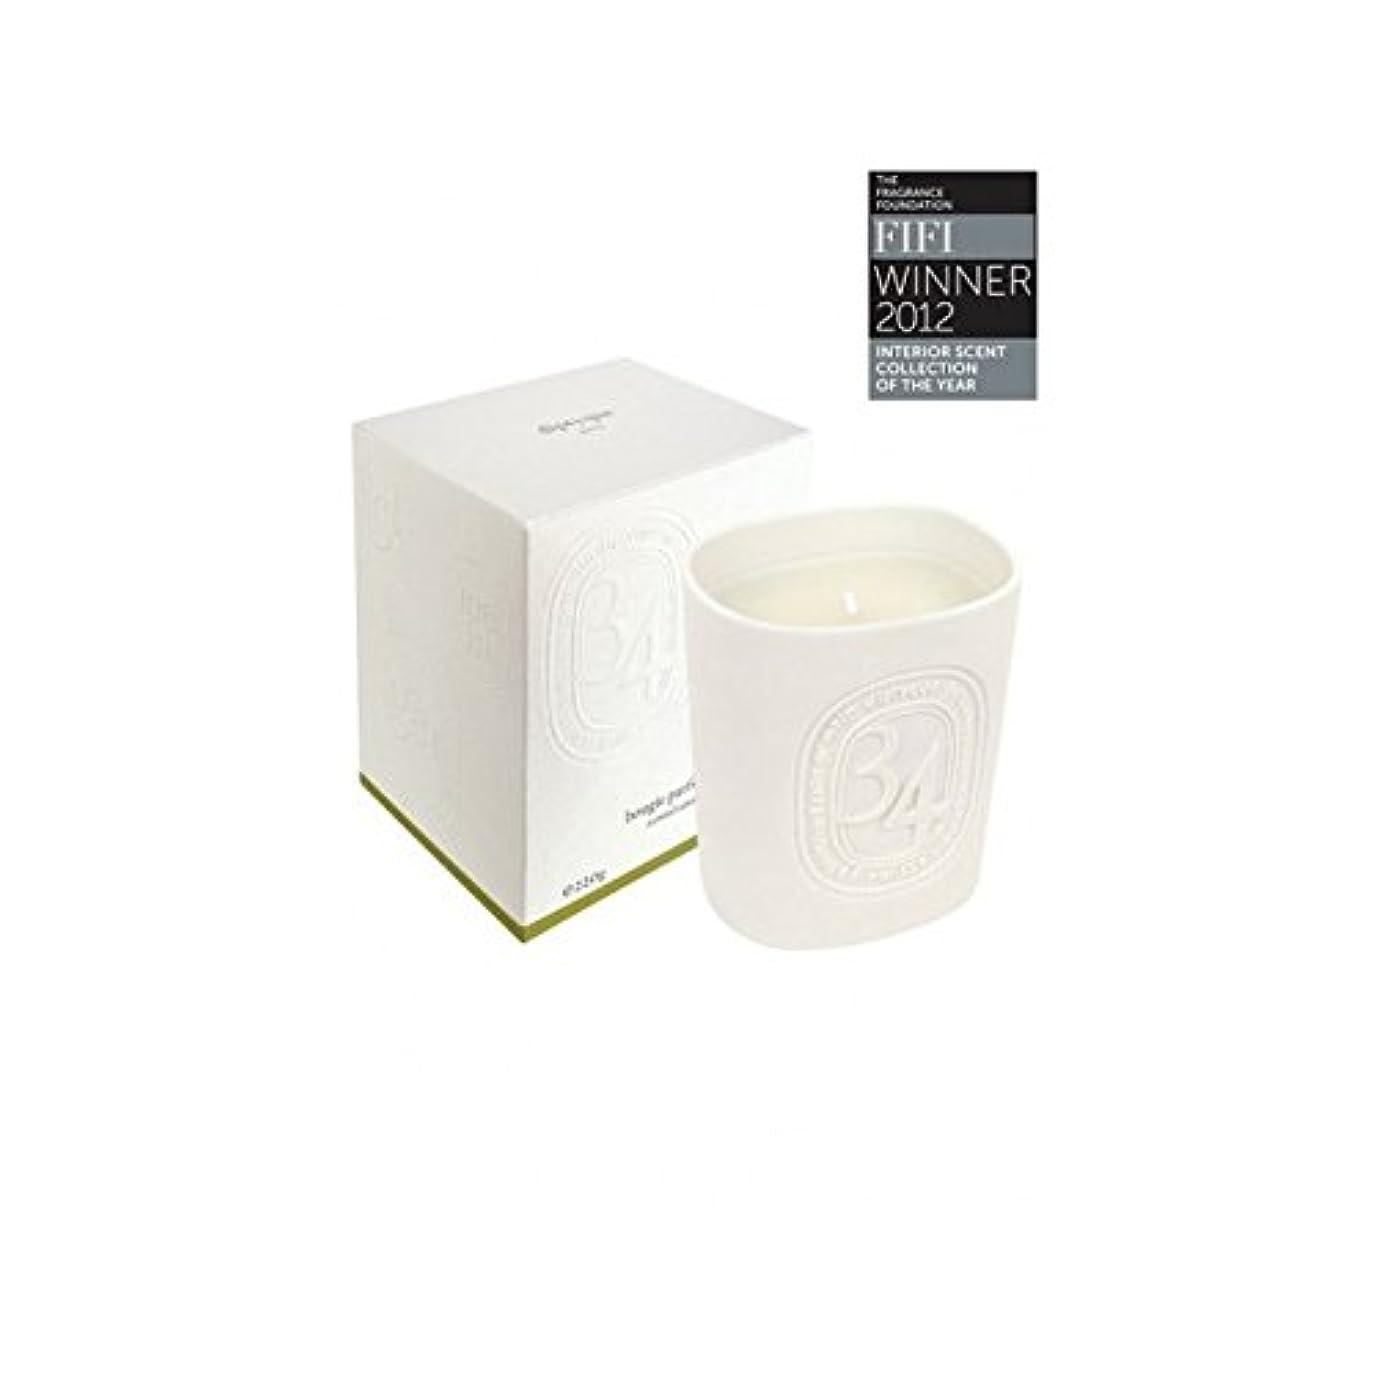 記念品カフェテリア階下Diptyque Collection 34 Boulevard Saint Germain Candle 220g (Pack of 2) - Diptyqueコレクション34大通りサンジェルマンキャンドル220グラム (x2) [並行輸入品]